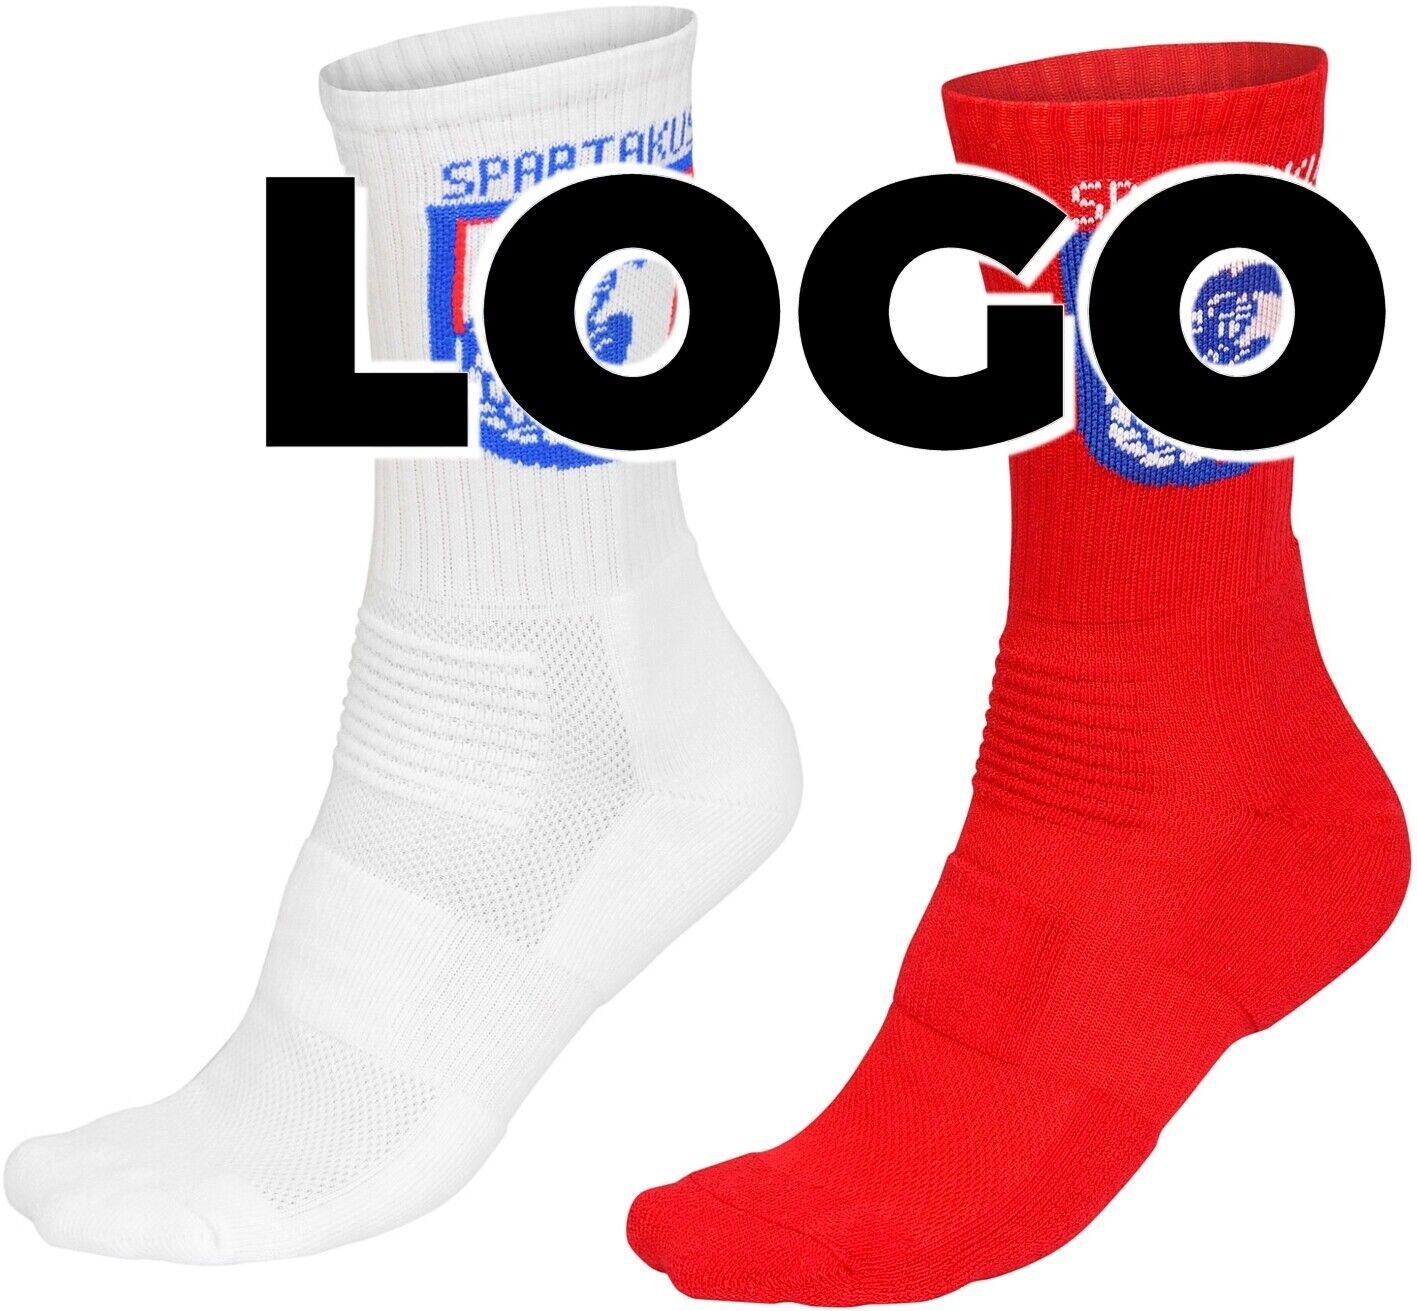 Da Uomo con logo  30 paia calze sportive  Ritaglio SOCKS con la scritta  qualità TOP